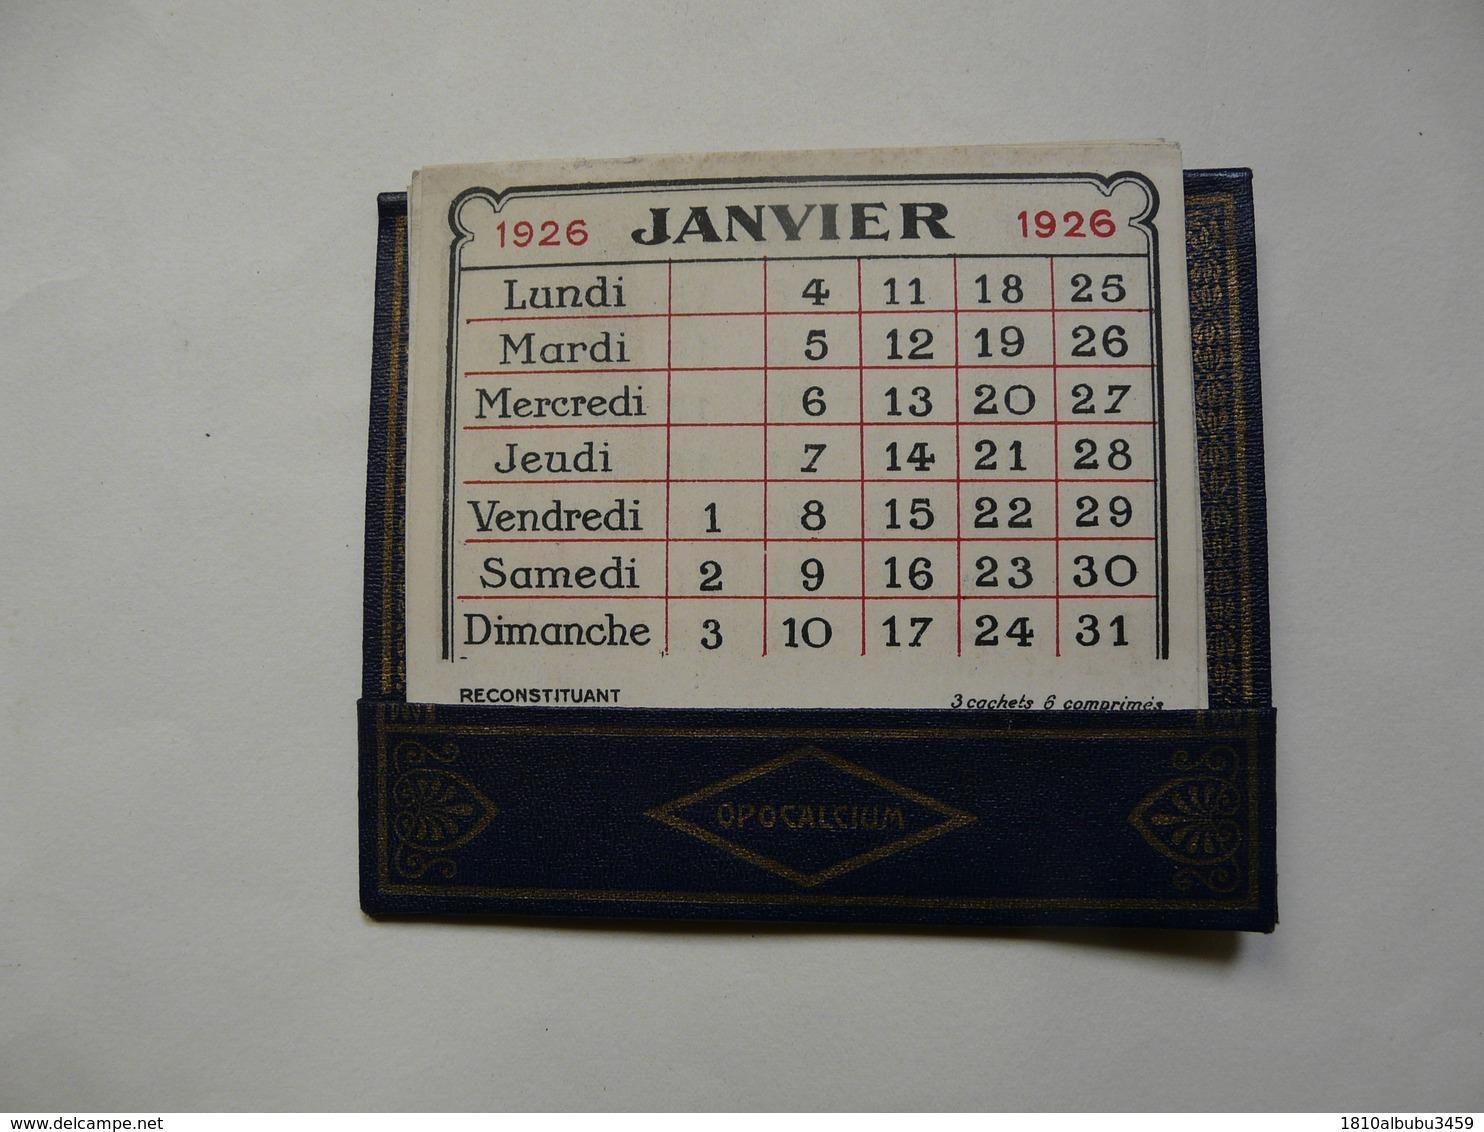 VIEUX PAPIERS - CALENDRIER PETIT FORMAT 1926 - OPOCALCIUM - A. RANSON Docteur En Pharmacie - Paris XXéme - Kalenders